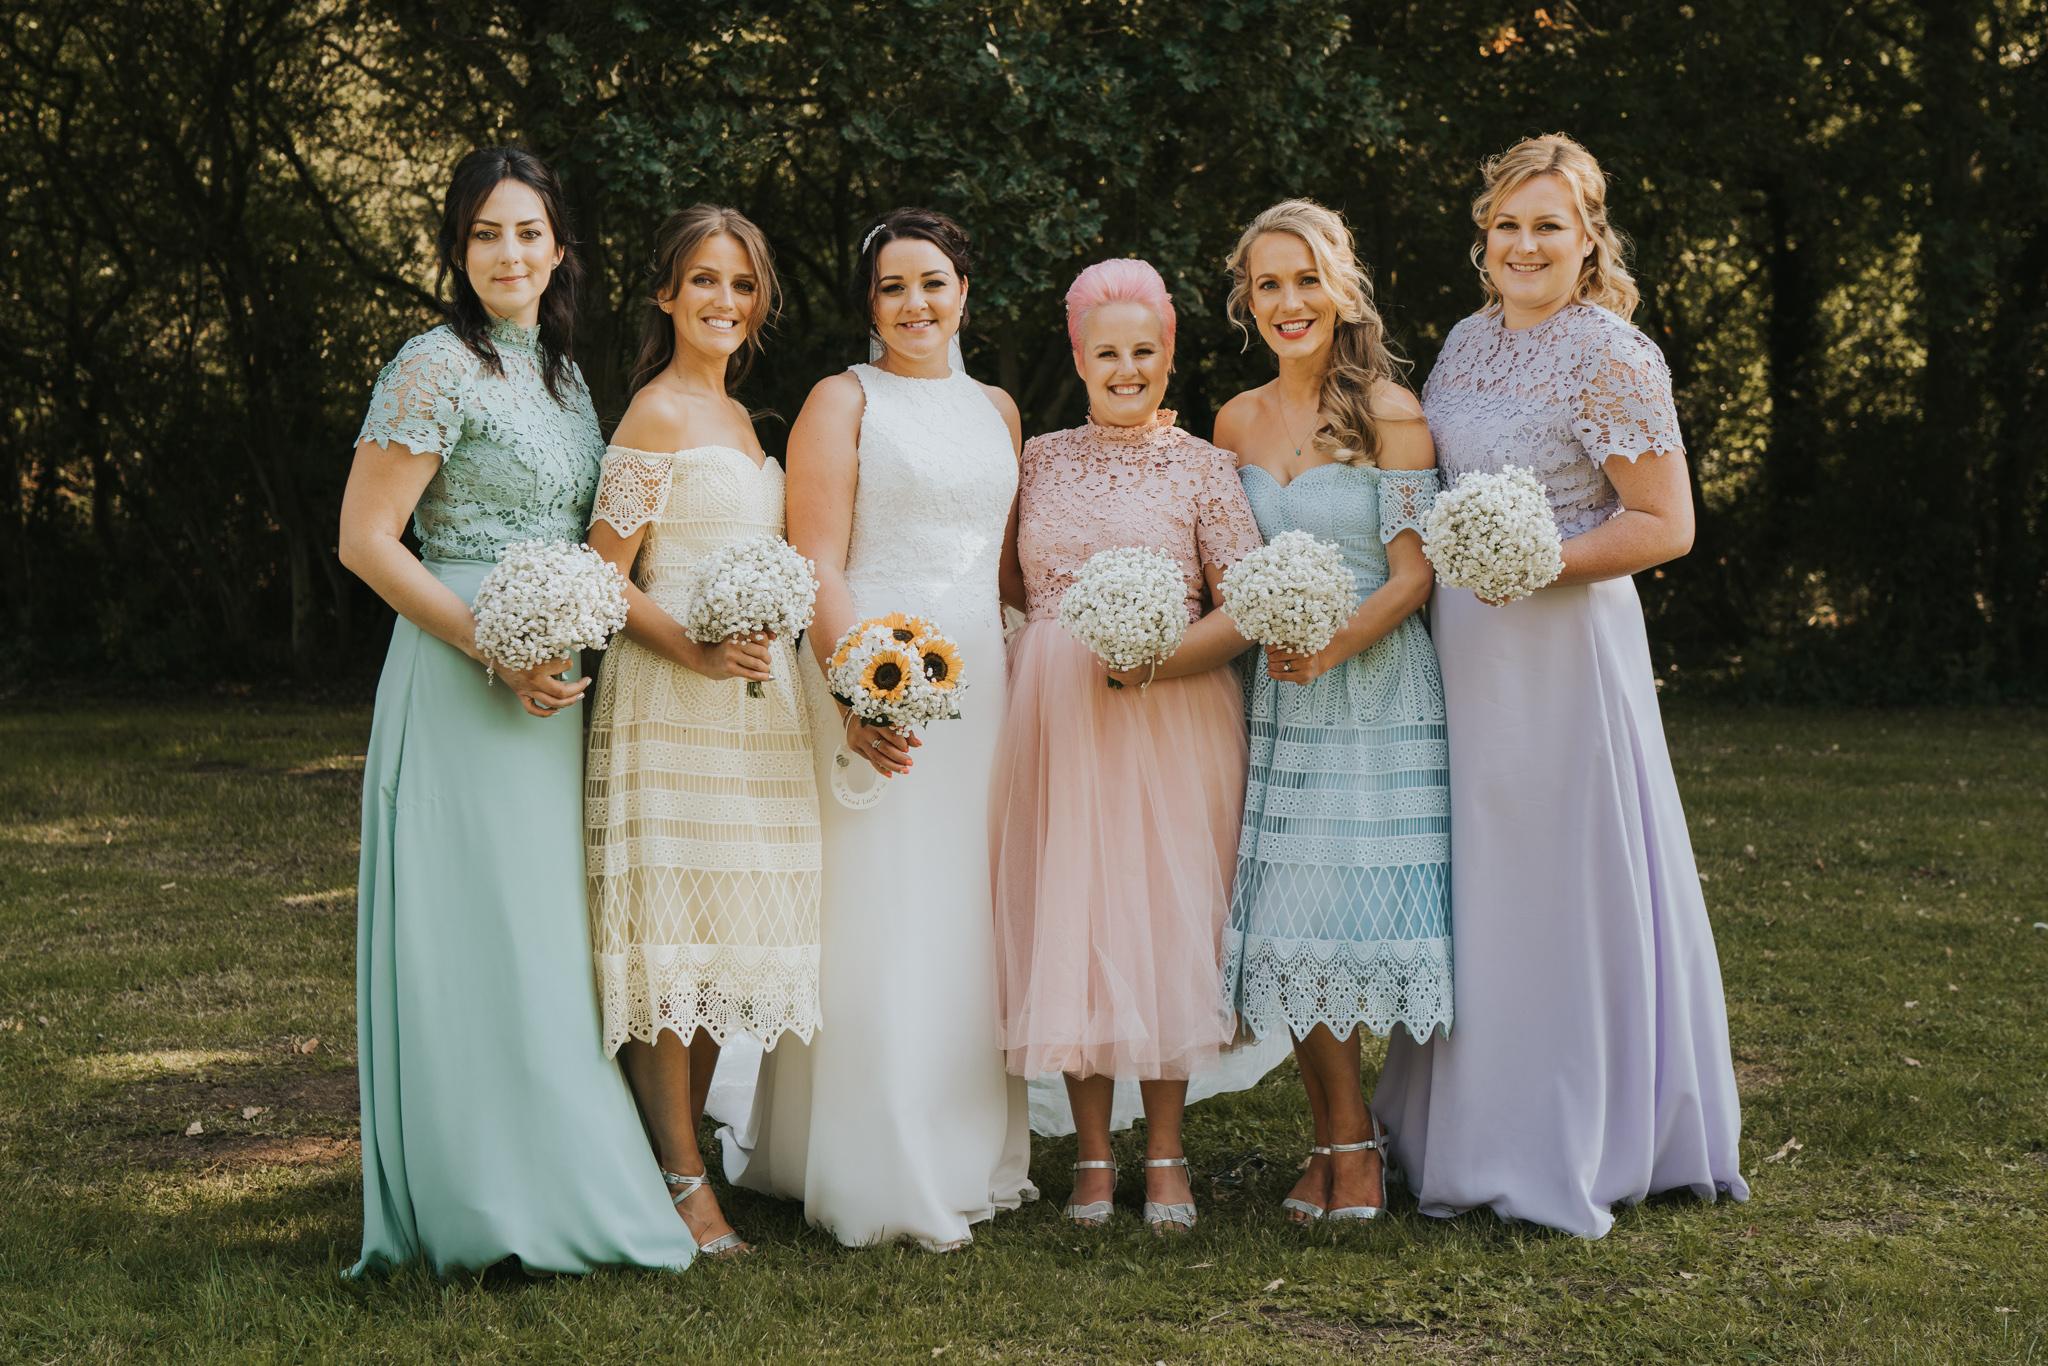 Joe-Tiffany-Colchester-Castle-Wedding-Essex-Grace-Elizabeth-Colchester-Essex-Alternative-Wedding-Photographer-Suffolk-Norfolk-Devon (83 of 122).jpg